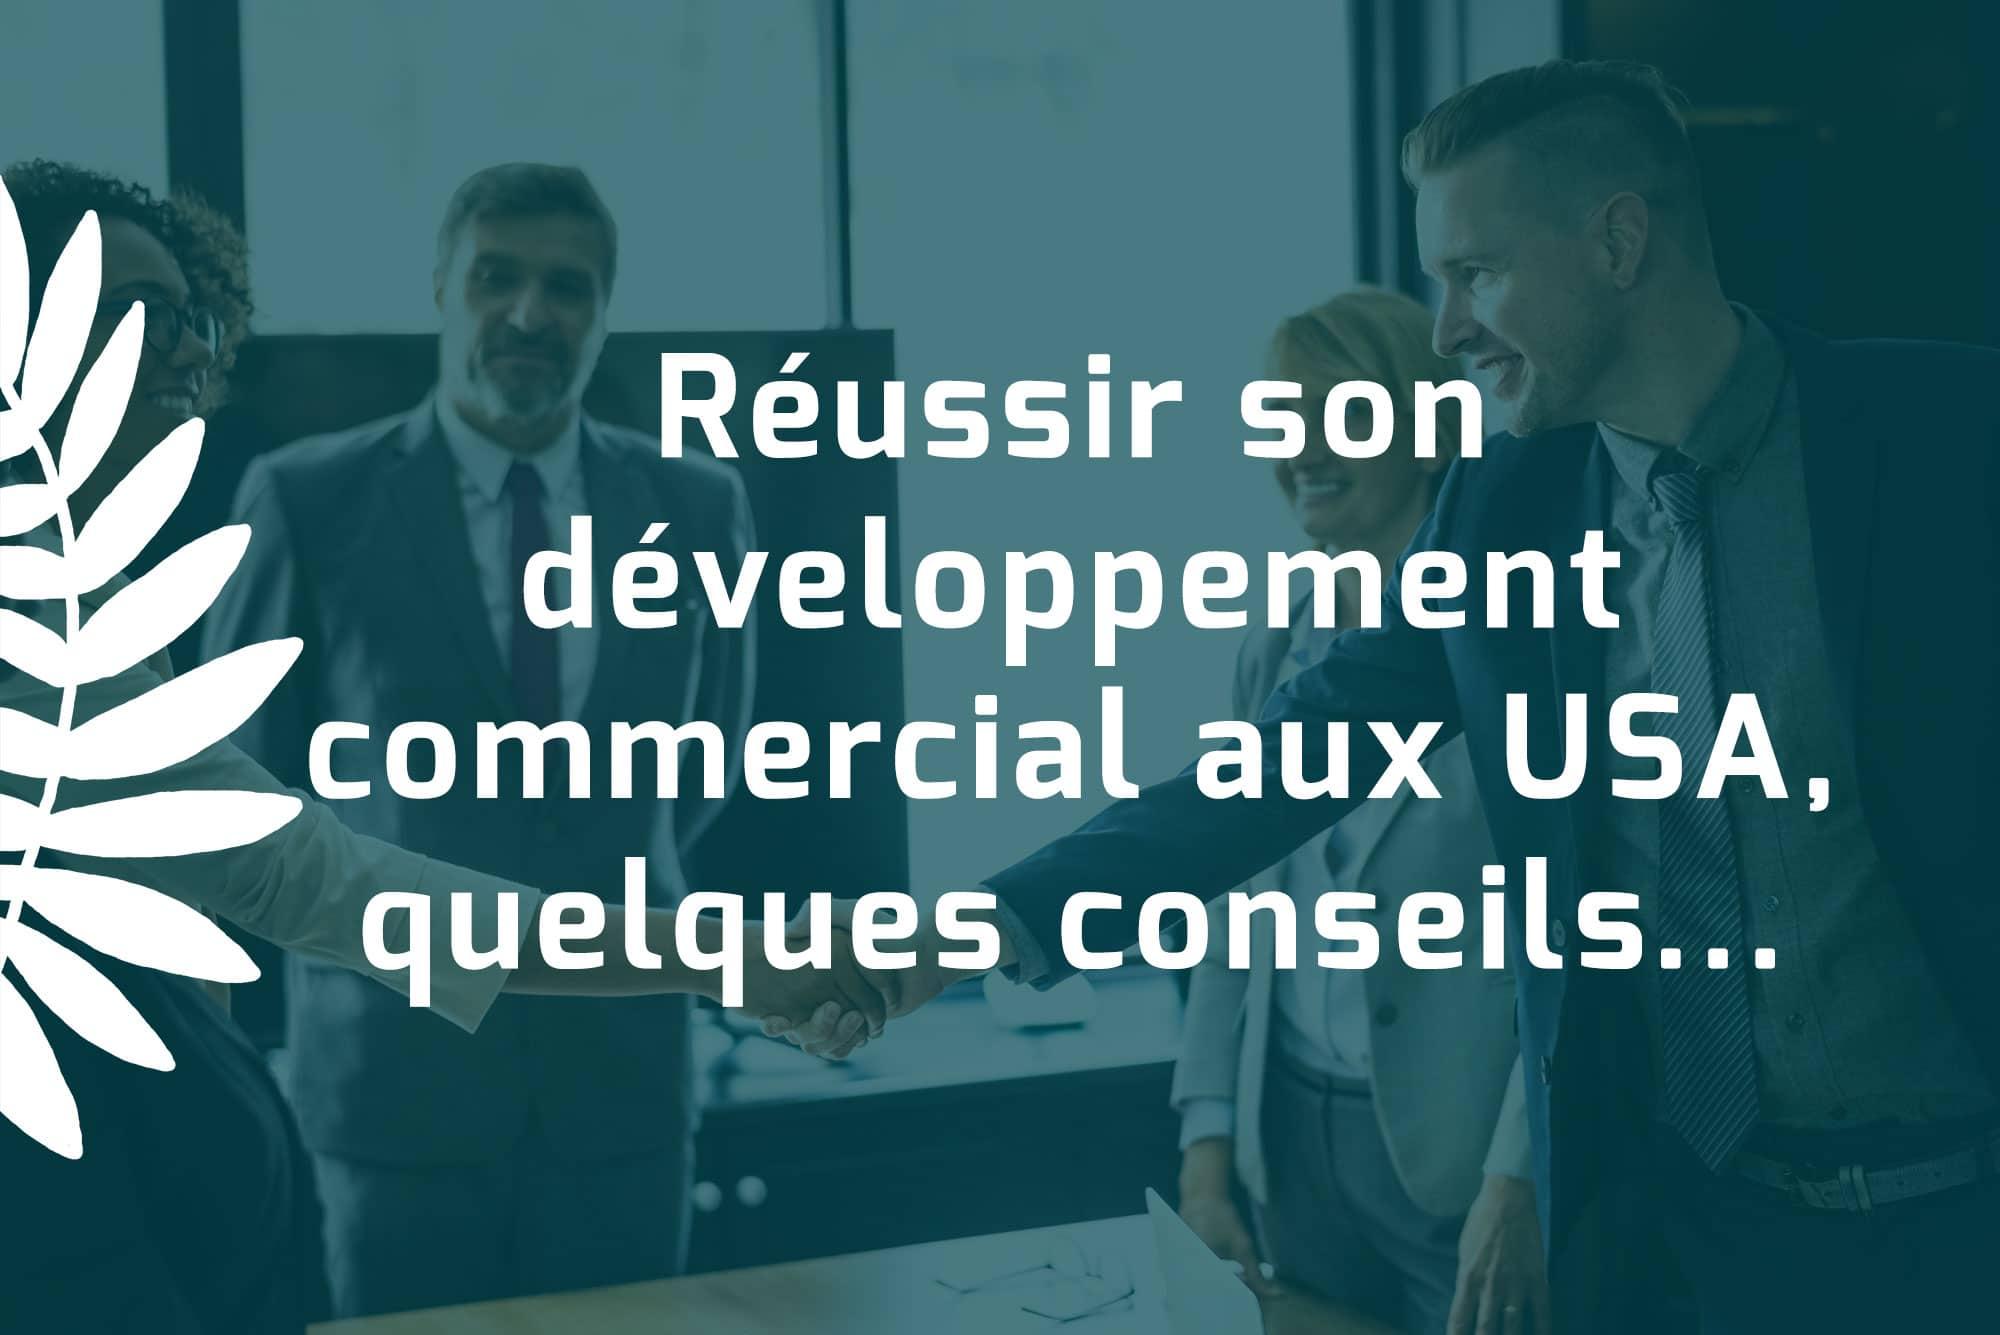 Réussir son développement commercial aux USA, quelques conseils...